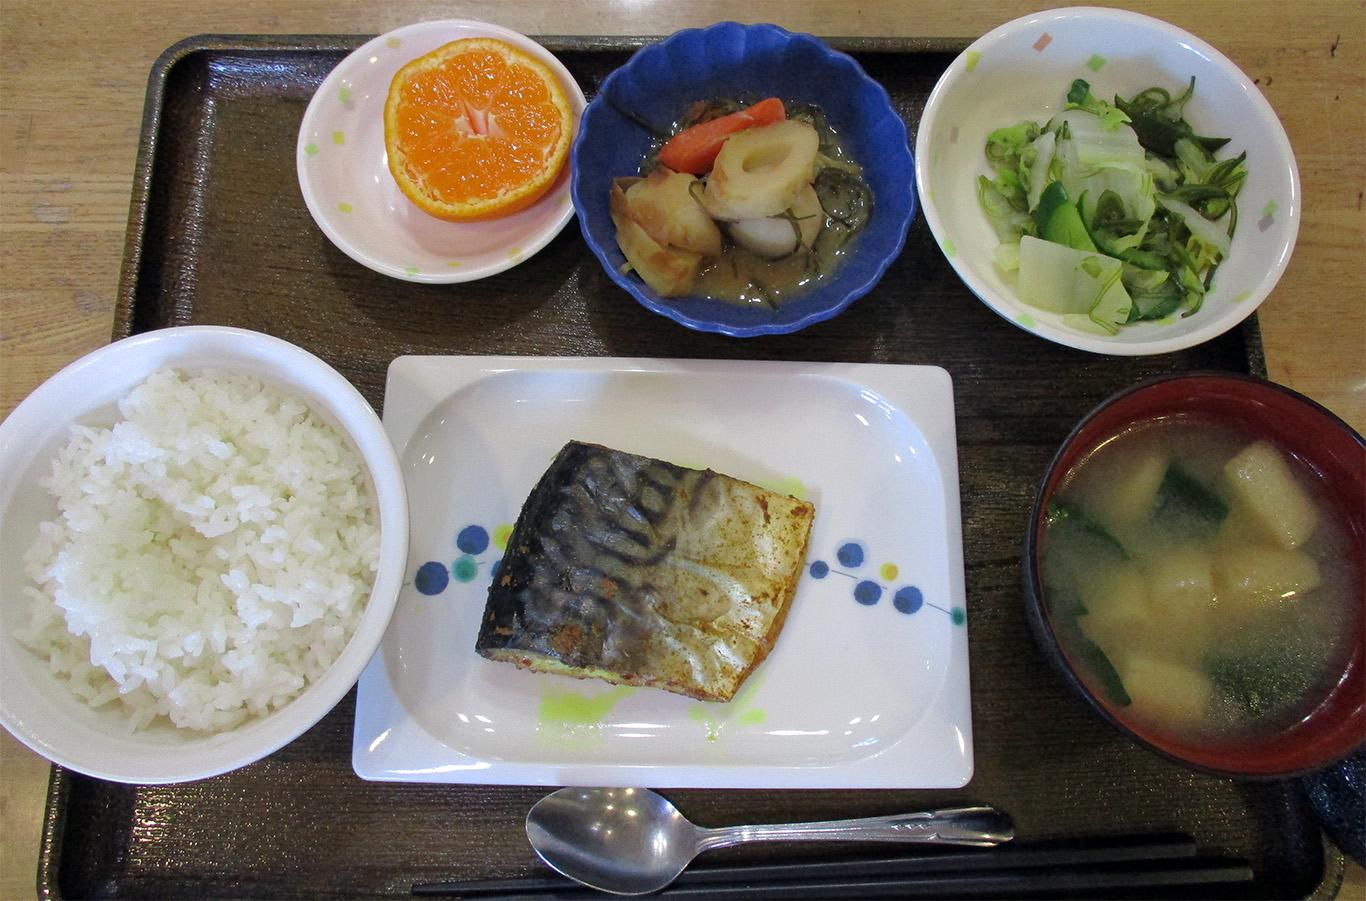 きょうのお昼ごはんは、鯖のカレー風味焼き、青じそ和え、煮物、みそ汁、果物でした。